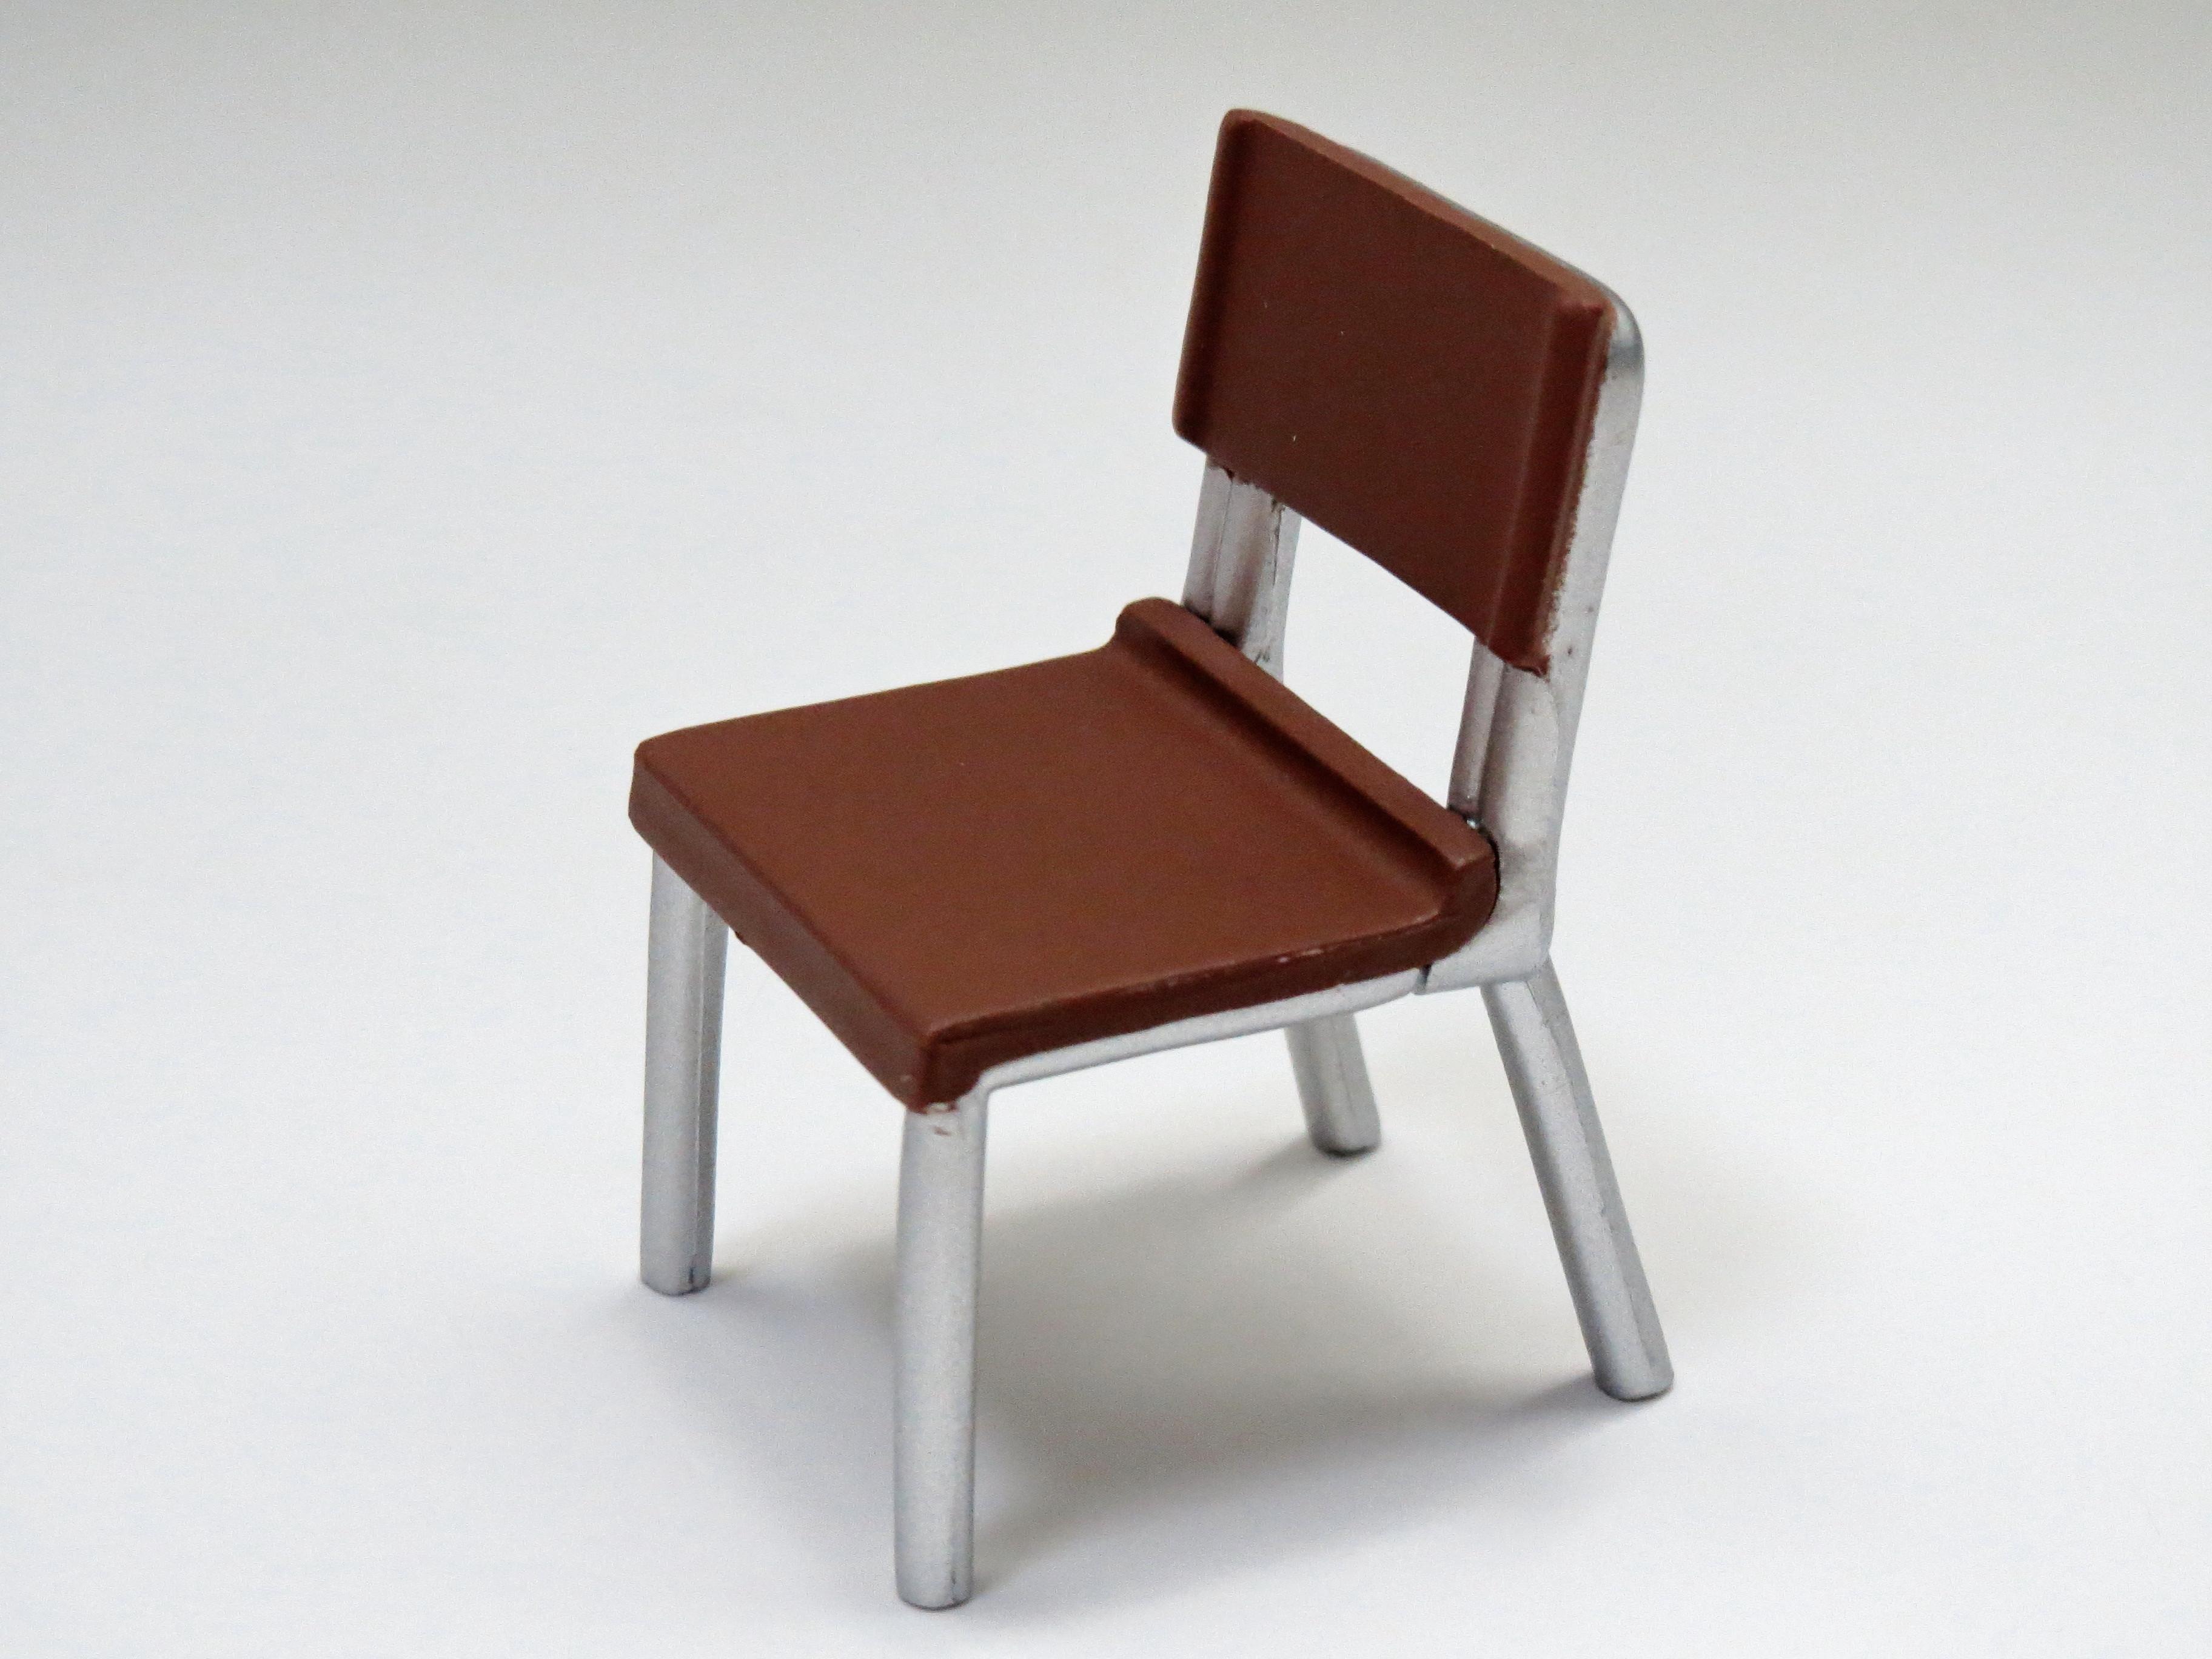 【055a】 高良みゆき 小物パーツ 椅子 ねんどろいど